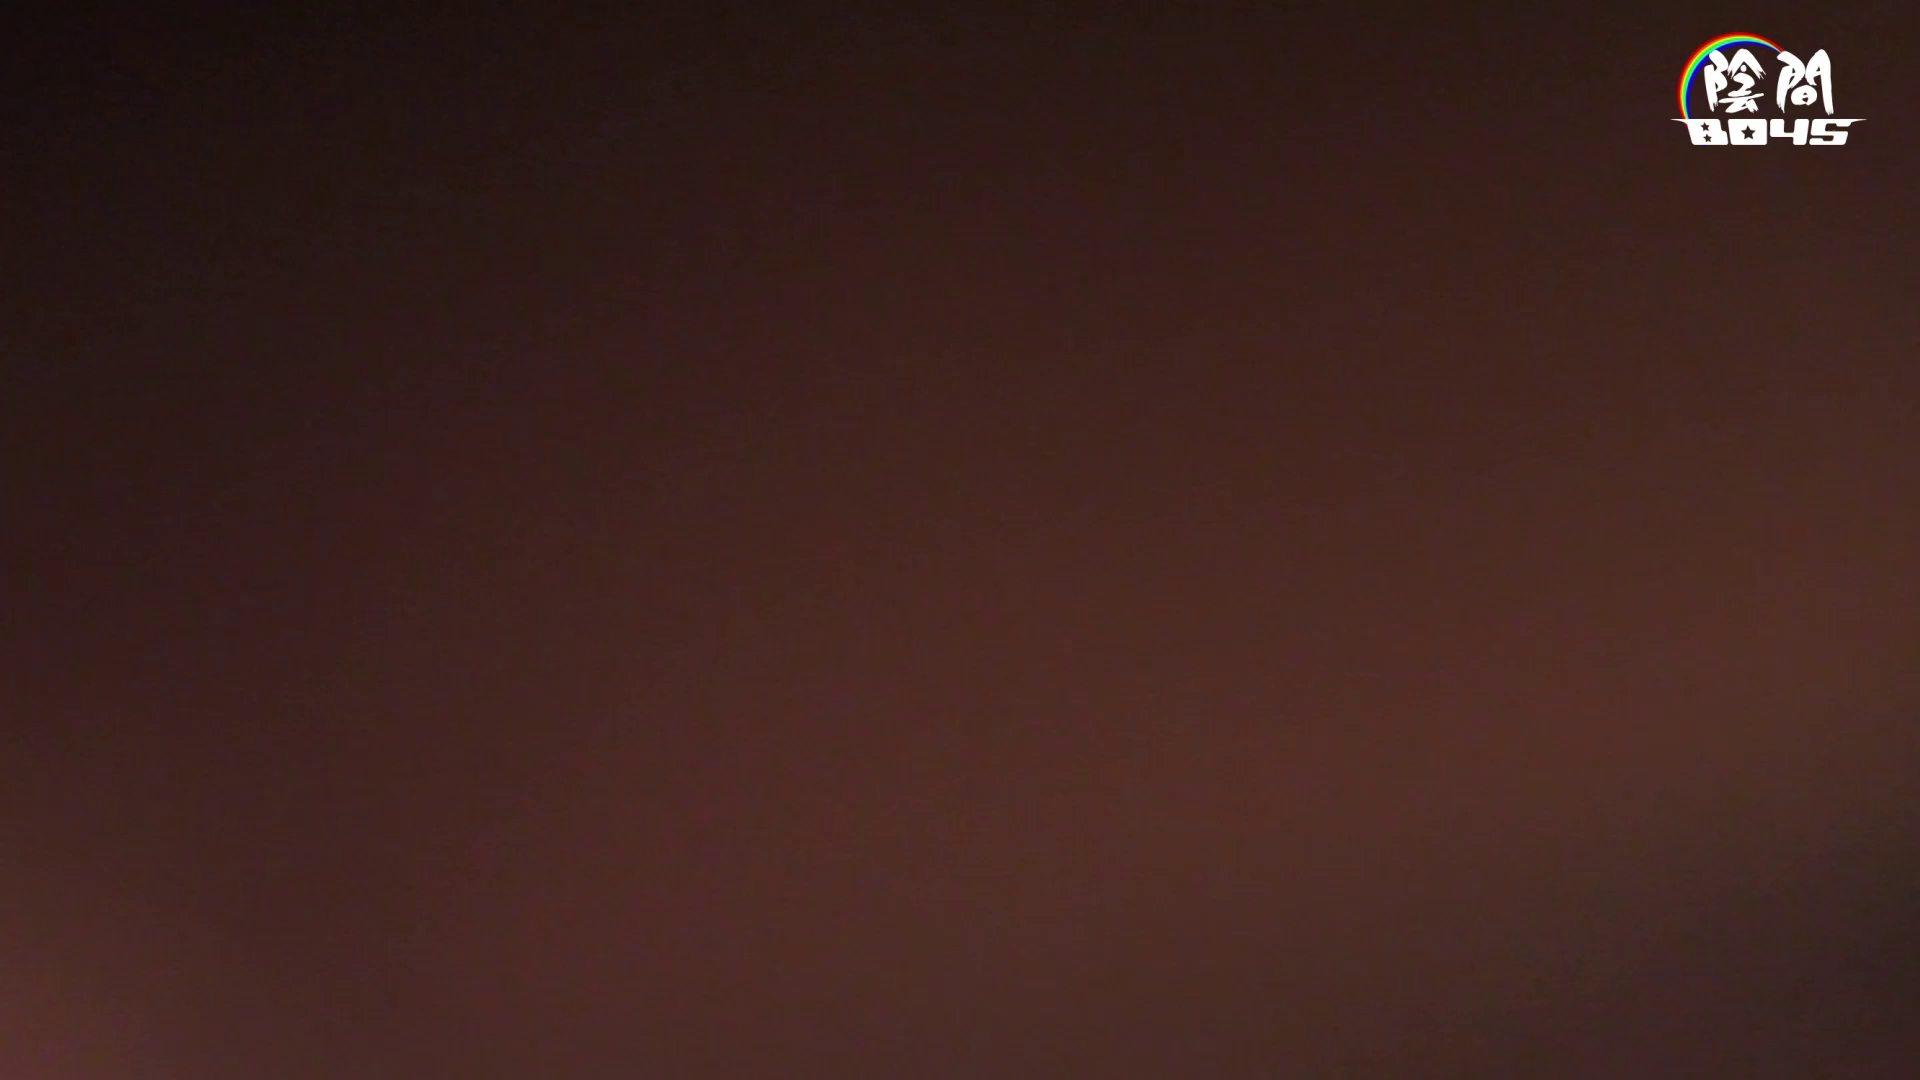 アナルで営業ワン・ツー・ スリーpart2 Vol.4 ハメ撮り特集 ゲイエロビデオ画像 75枚 57